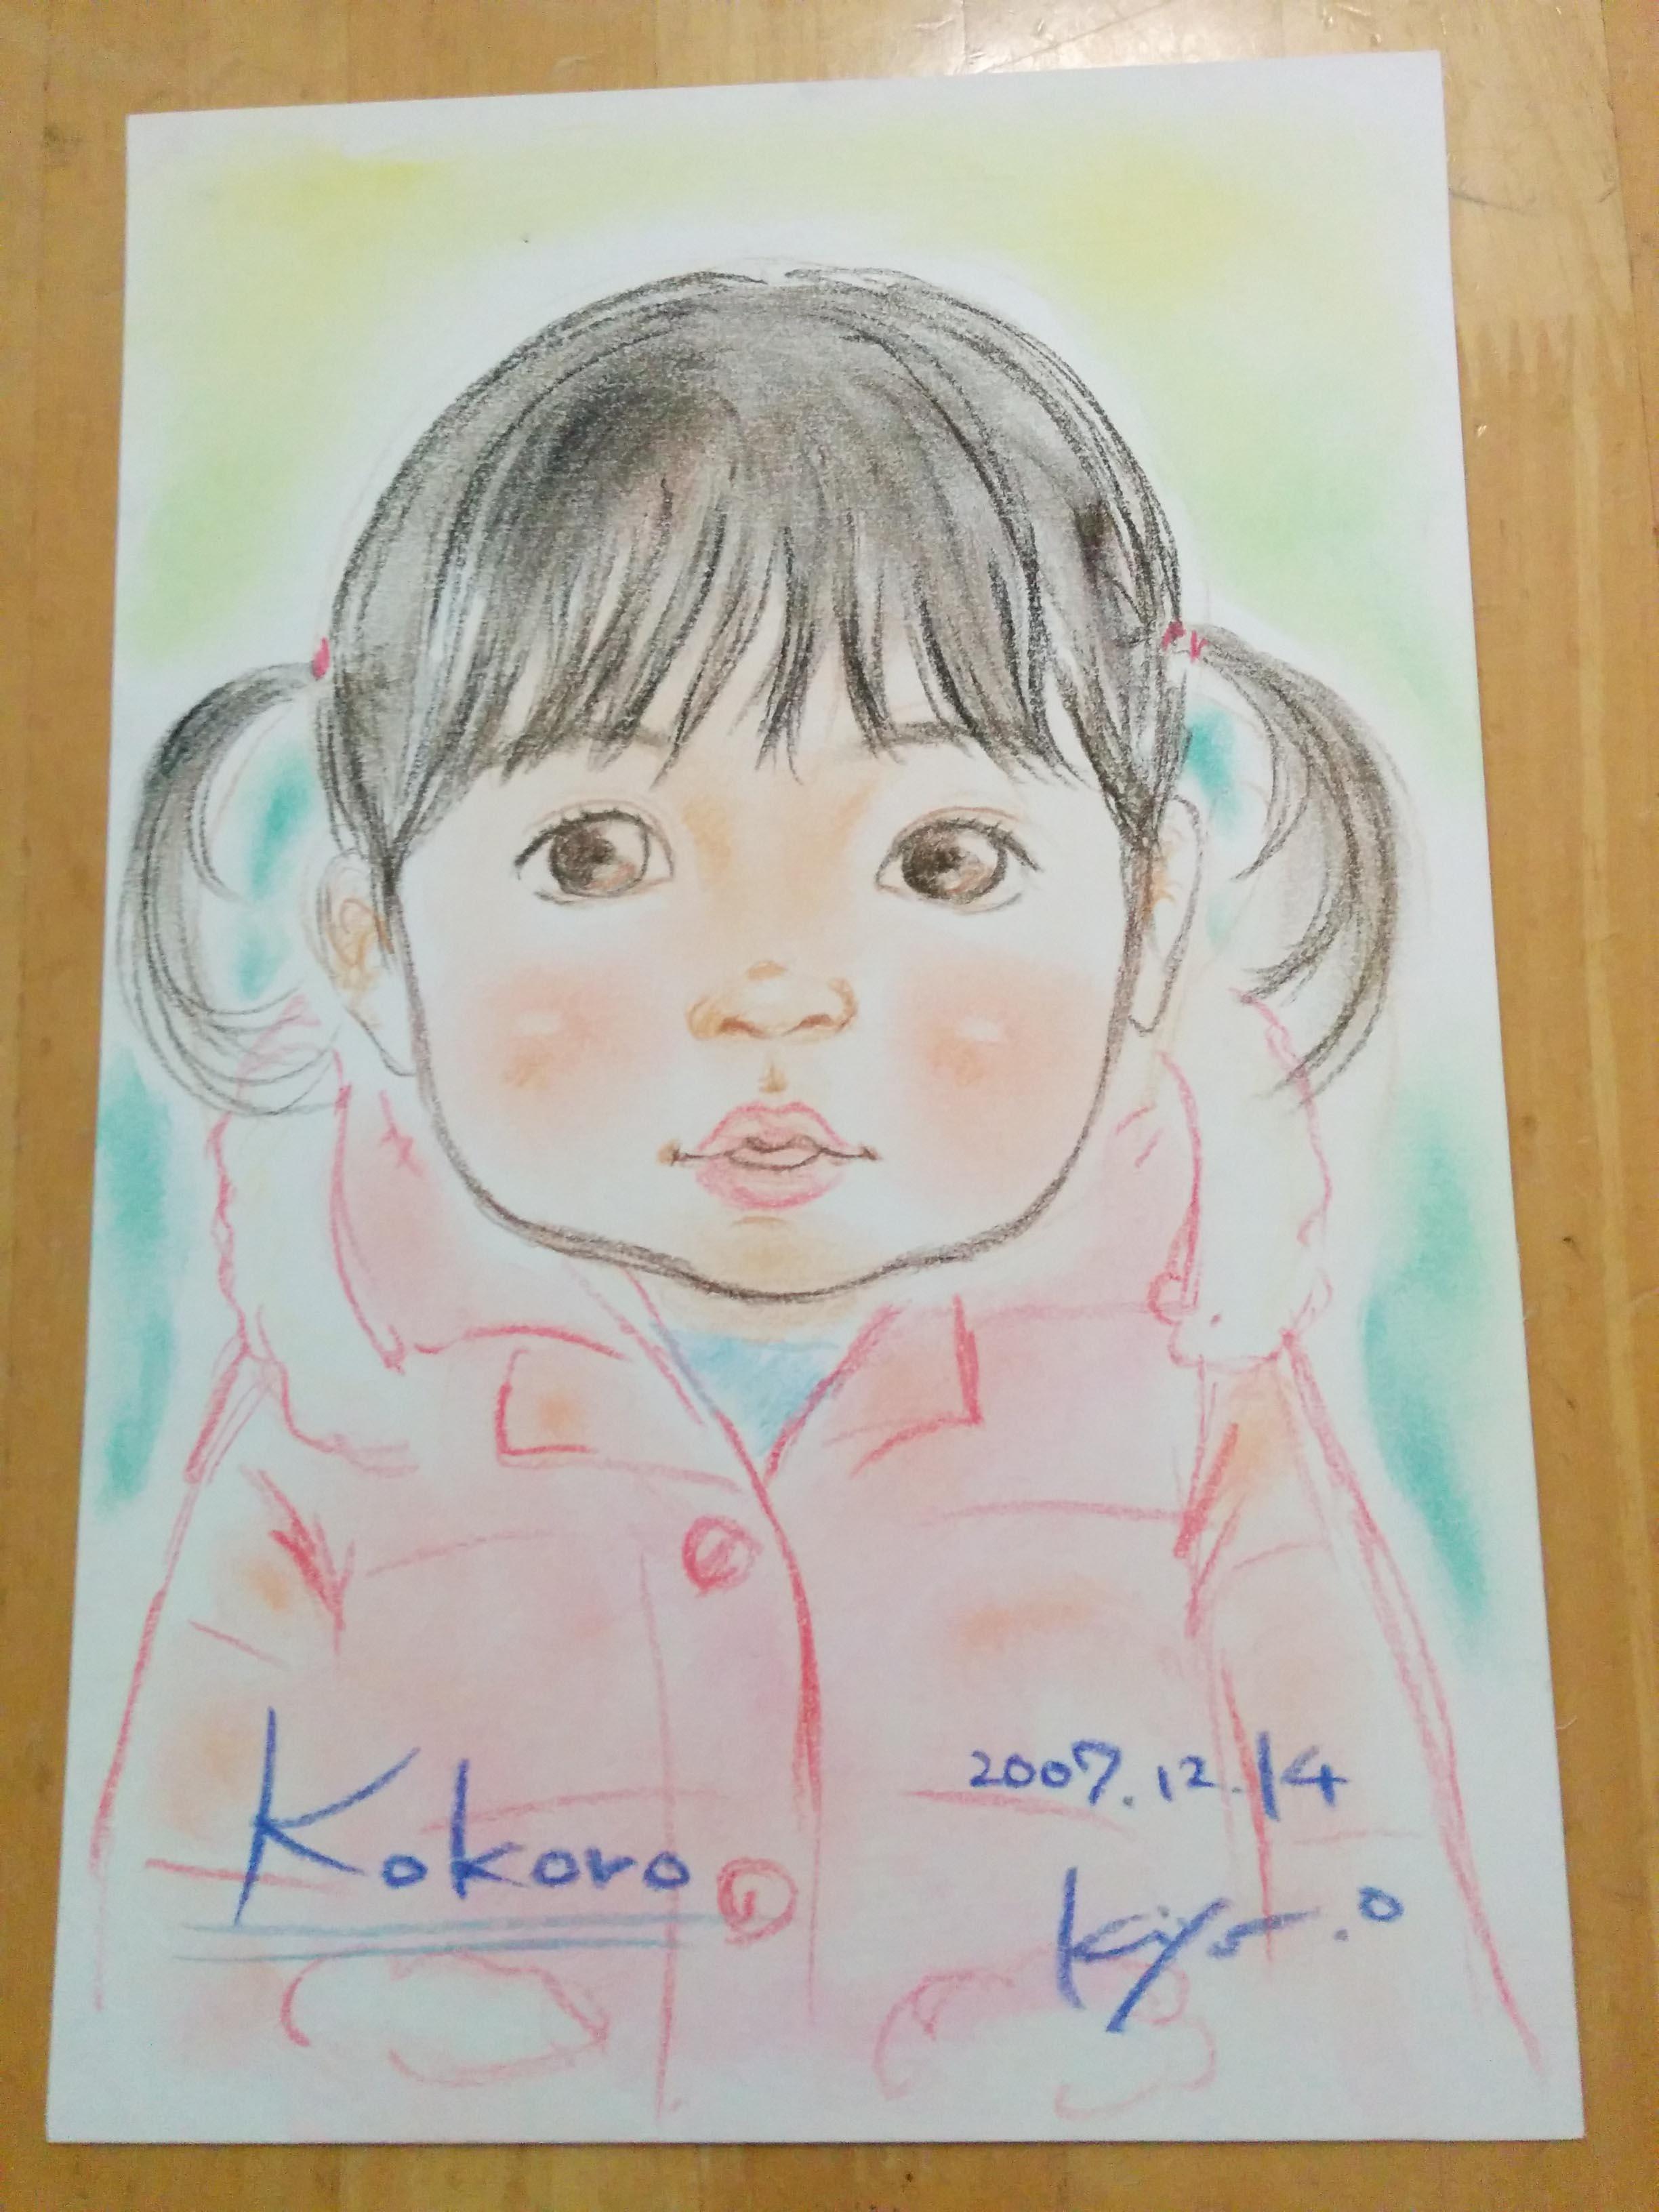 kokoro2007.jpg